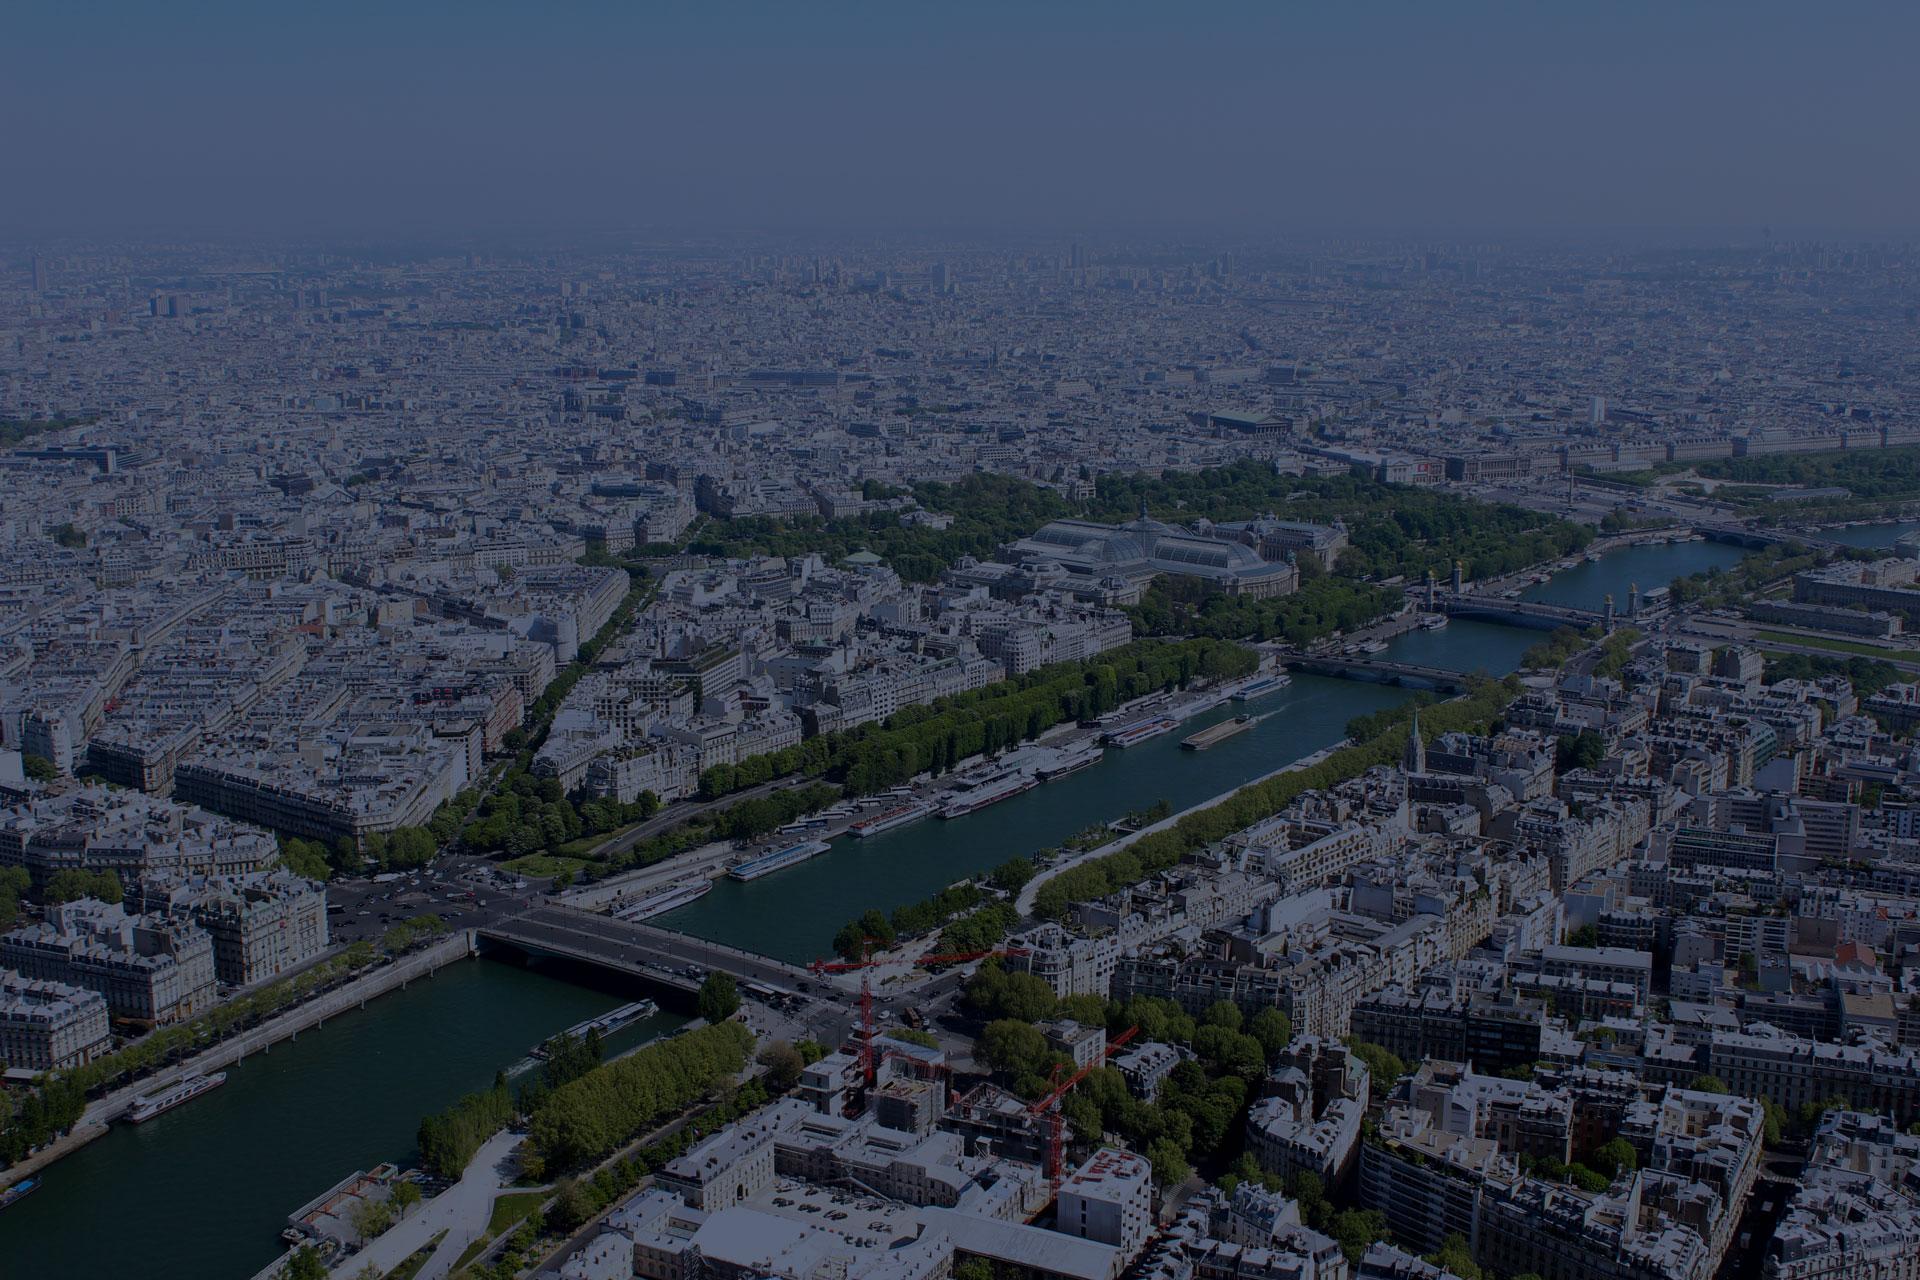 Photographie de ville en arrière-plan